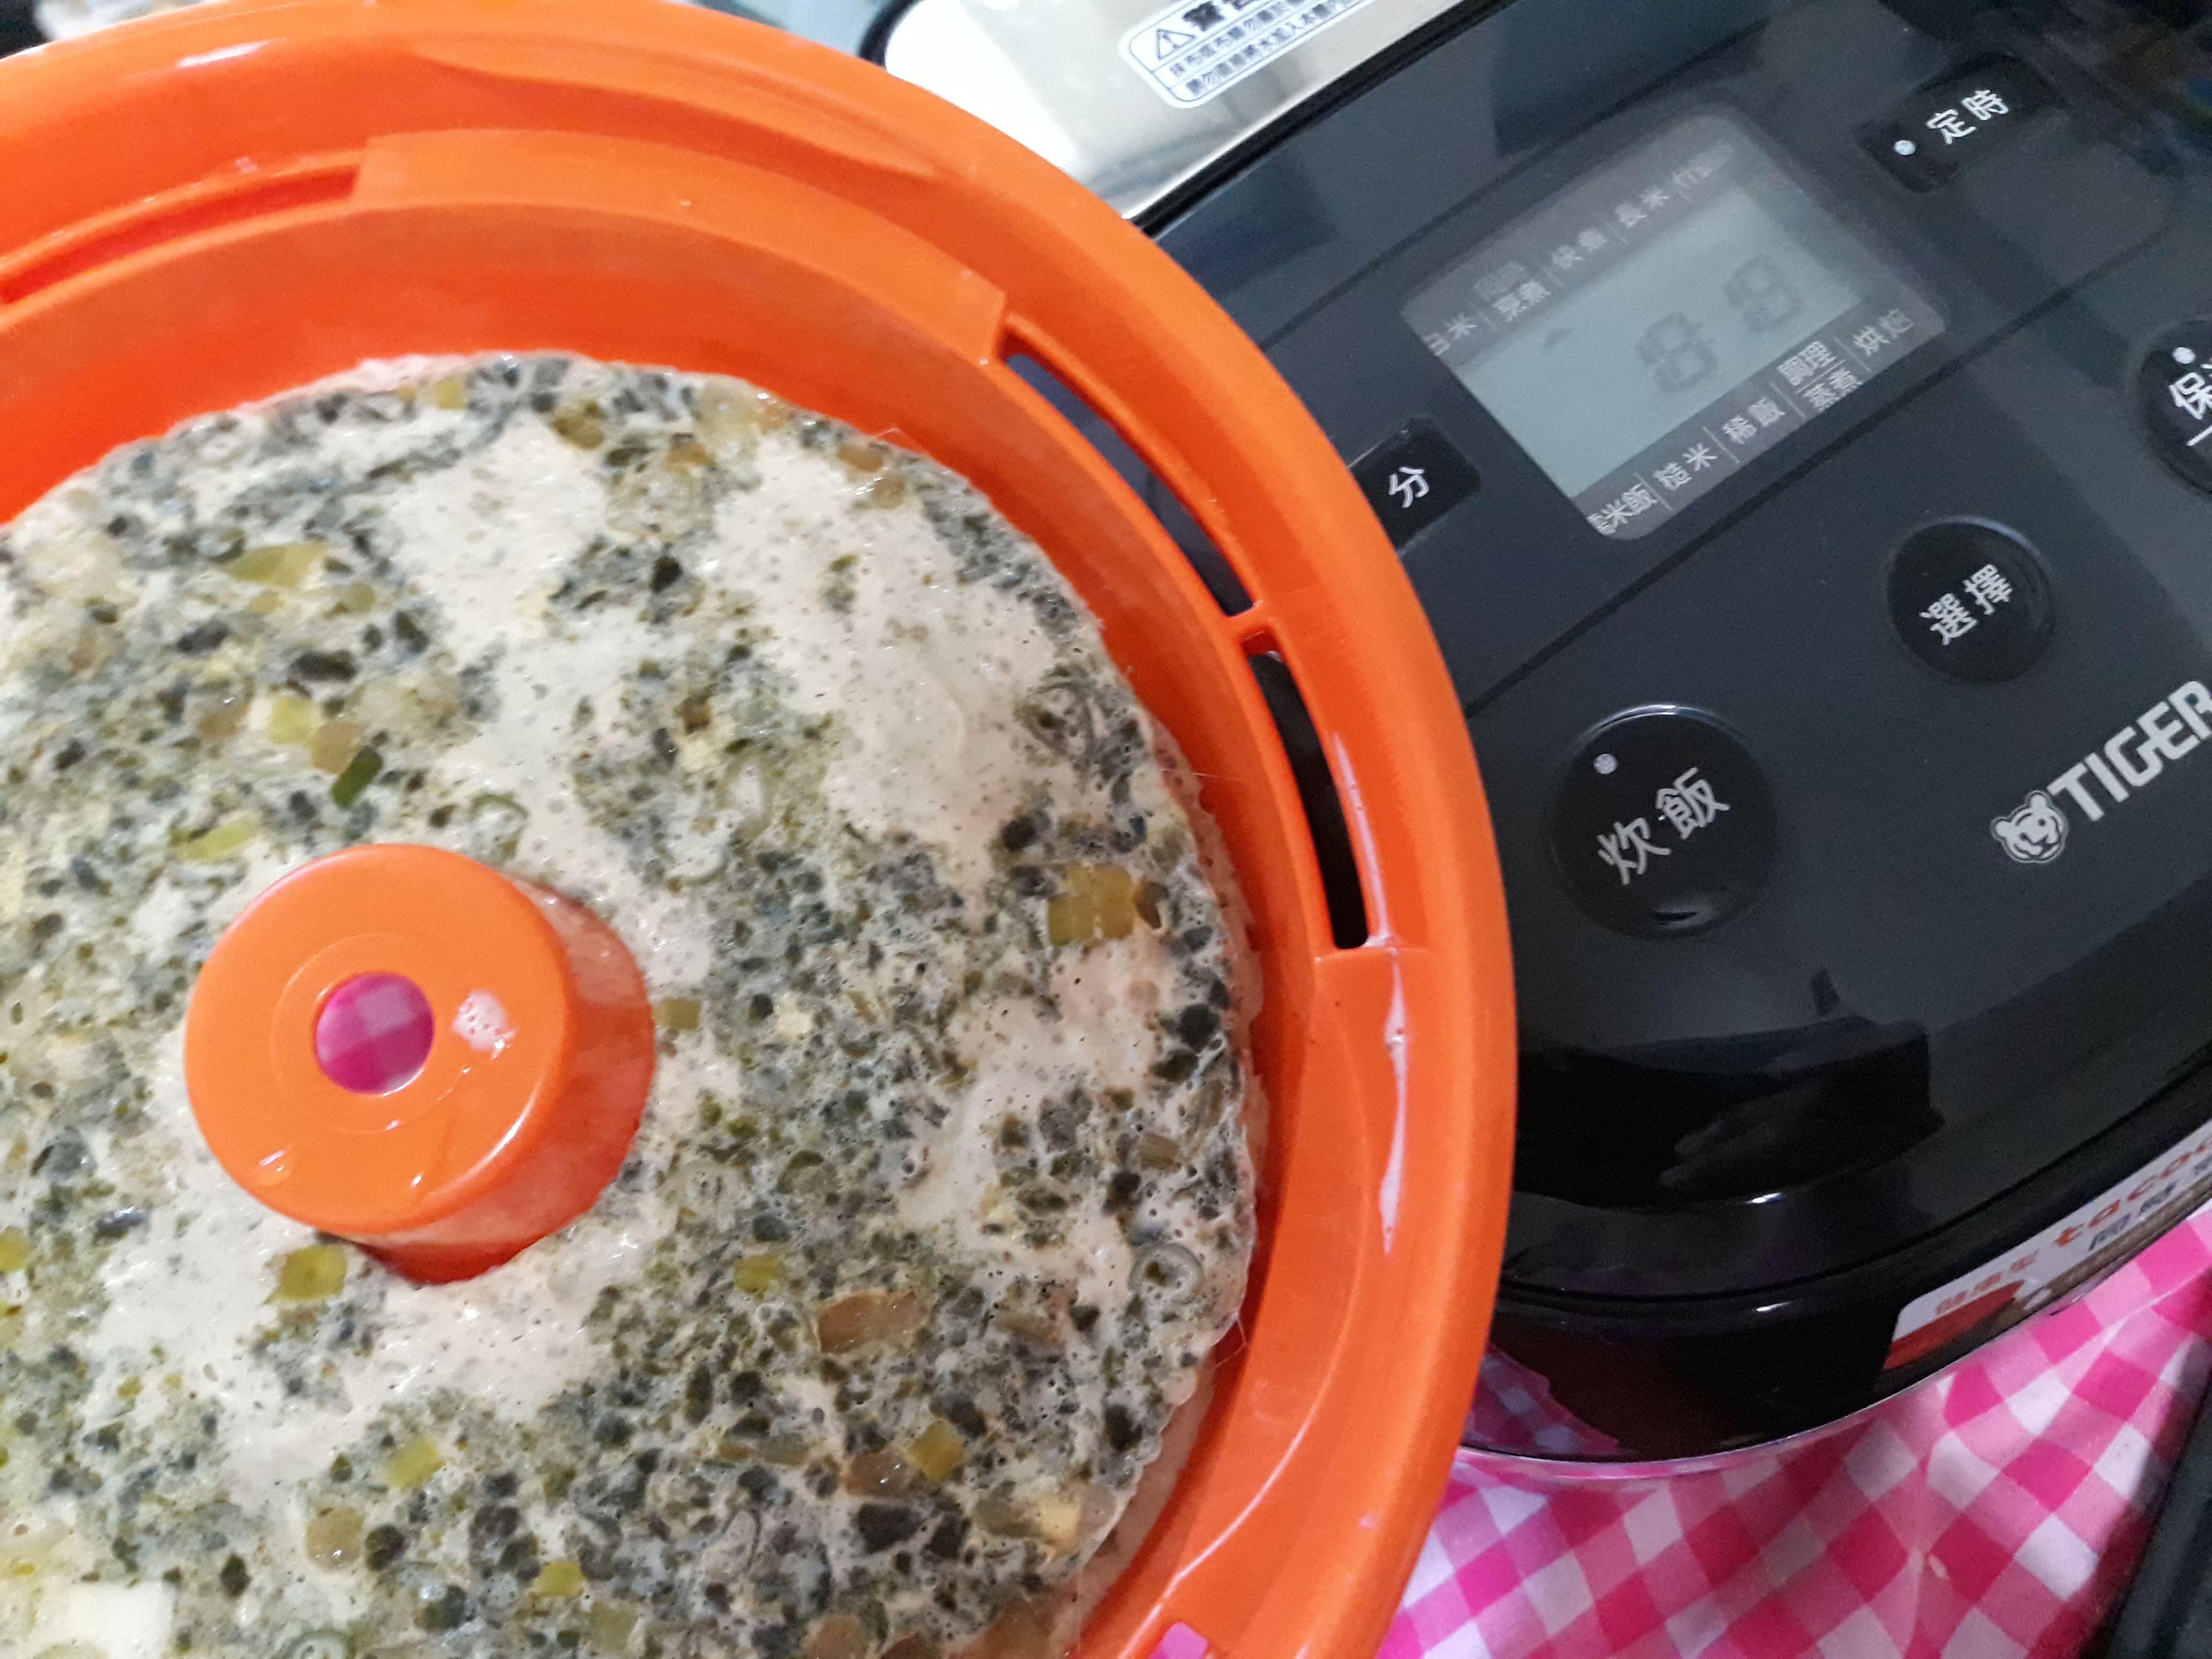 用虎牌電子鍋為幸福升溫,讓孩子大喊: 「我要開動了!」的第 7 張圖片